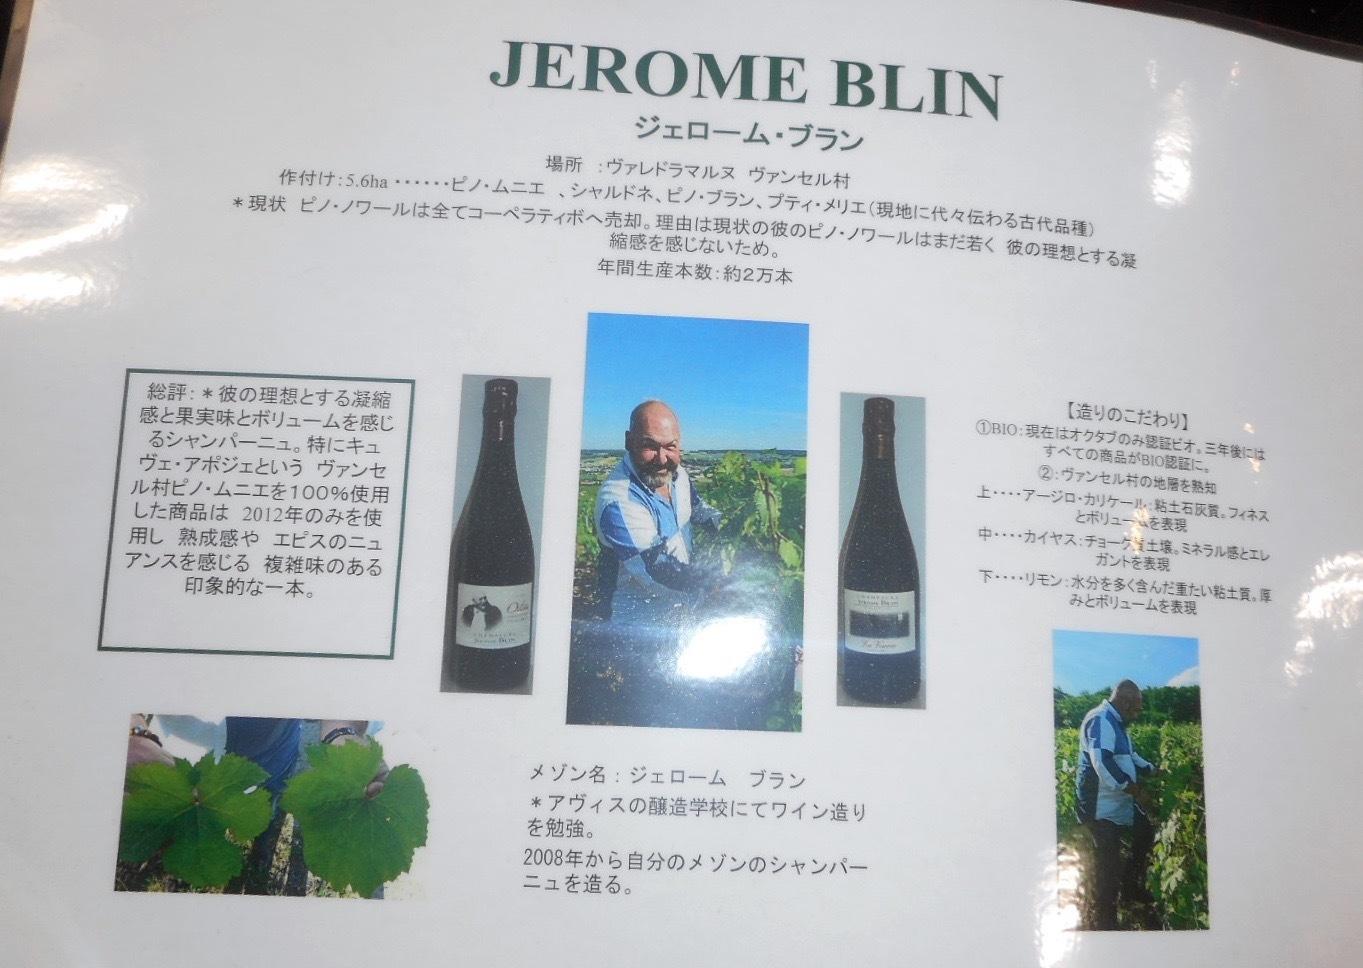 jerome_blin説明